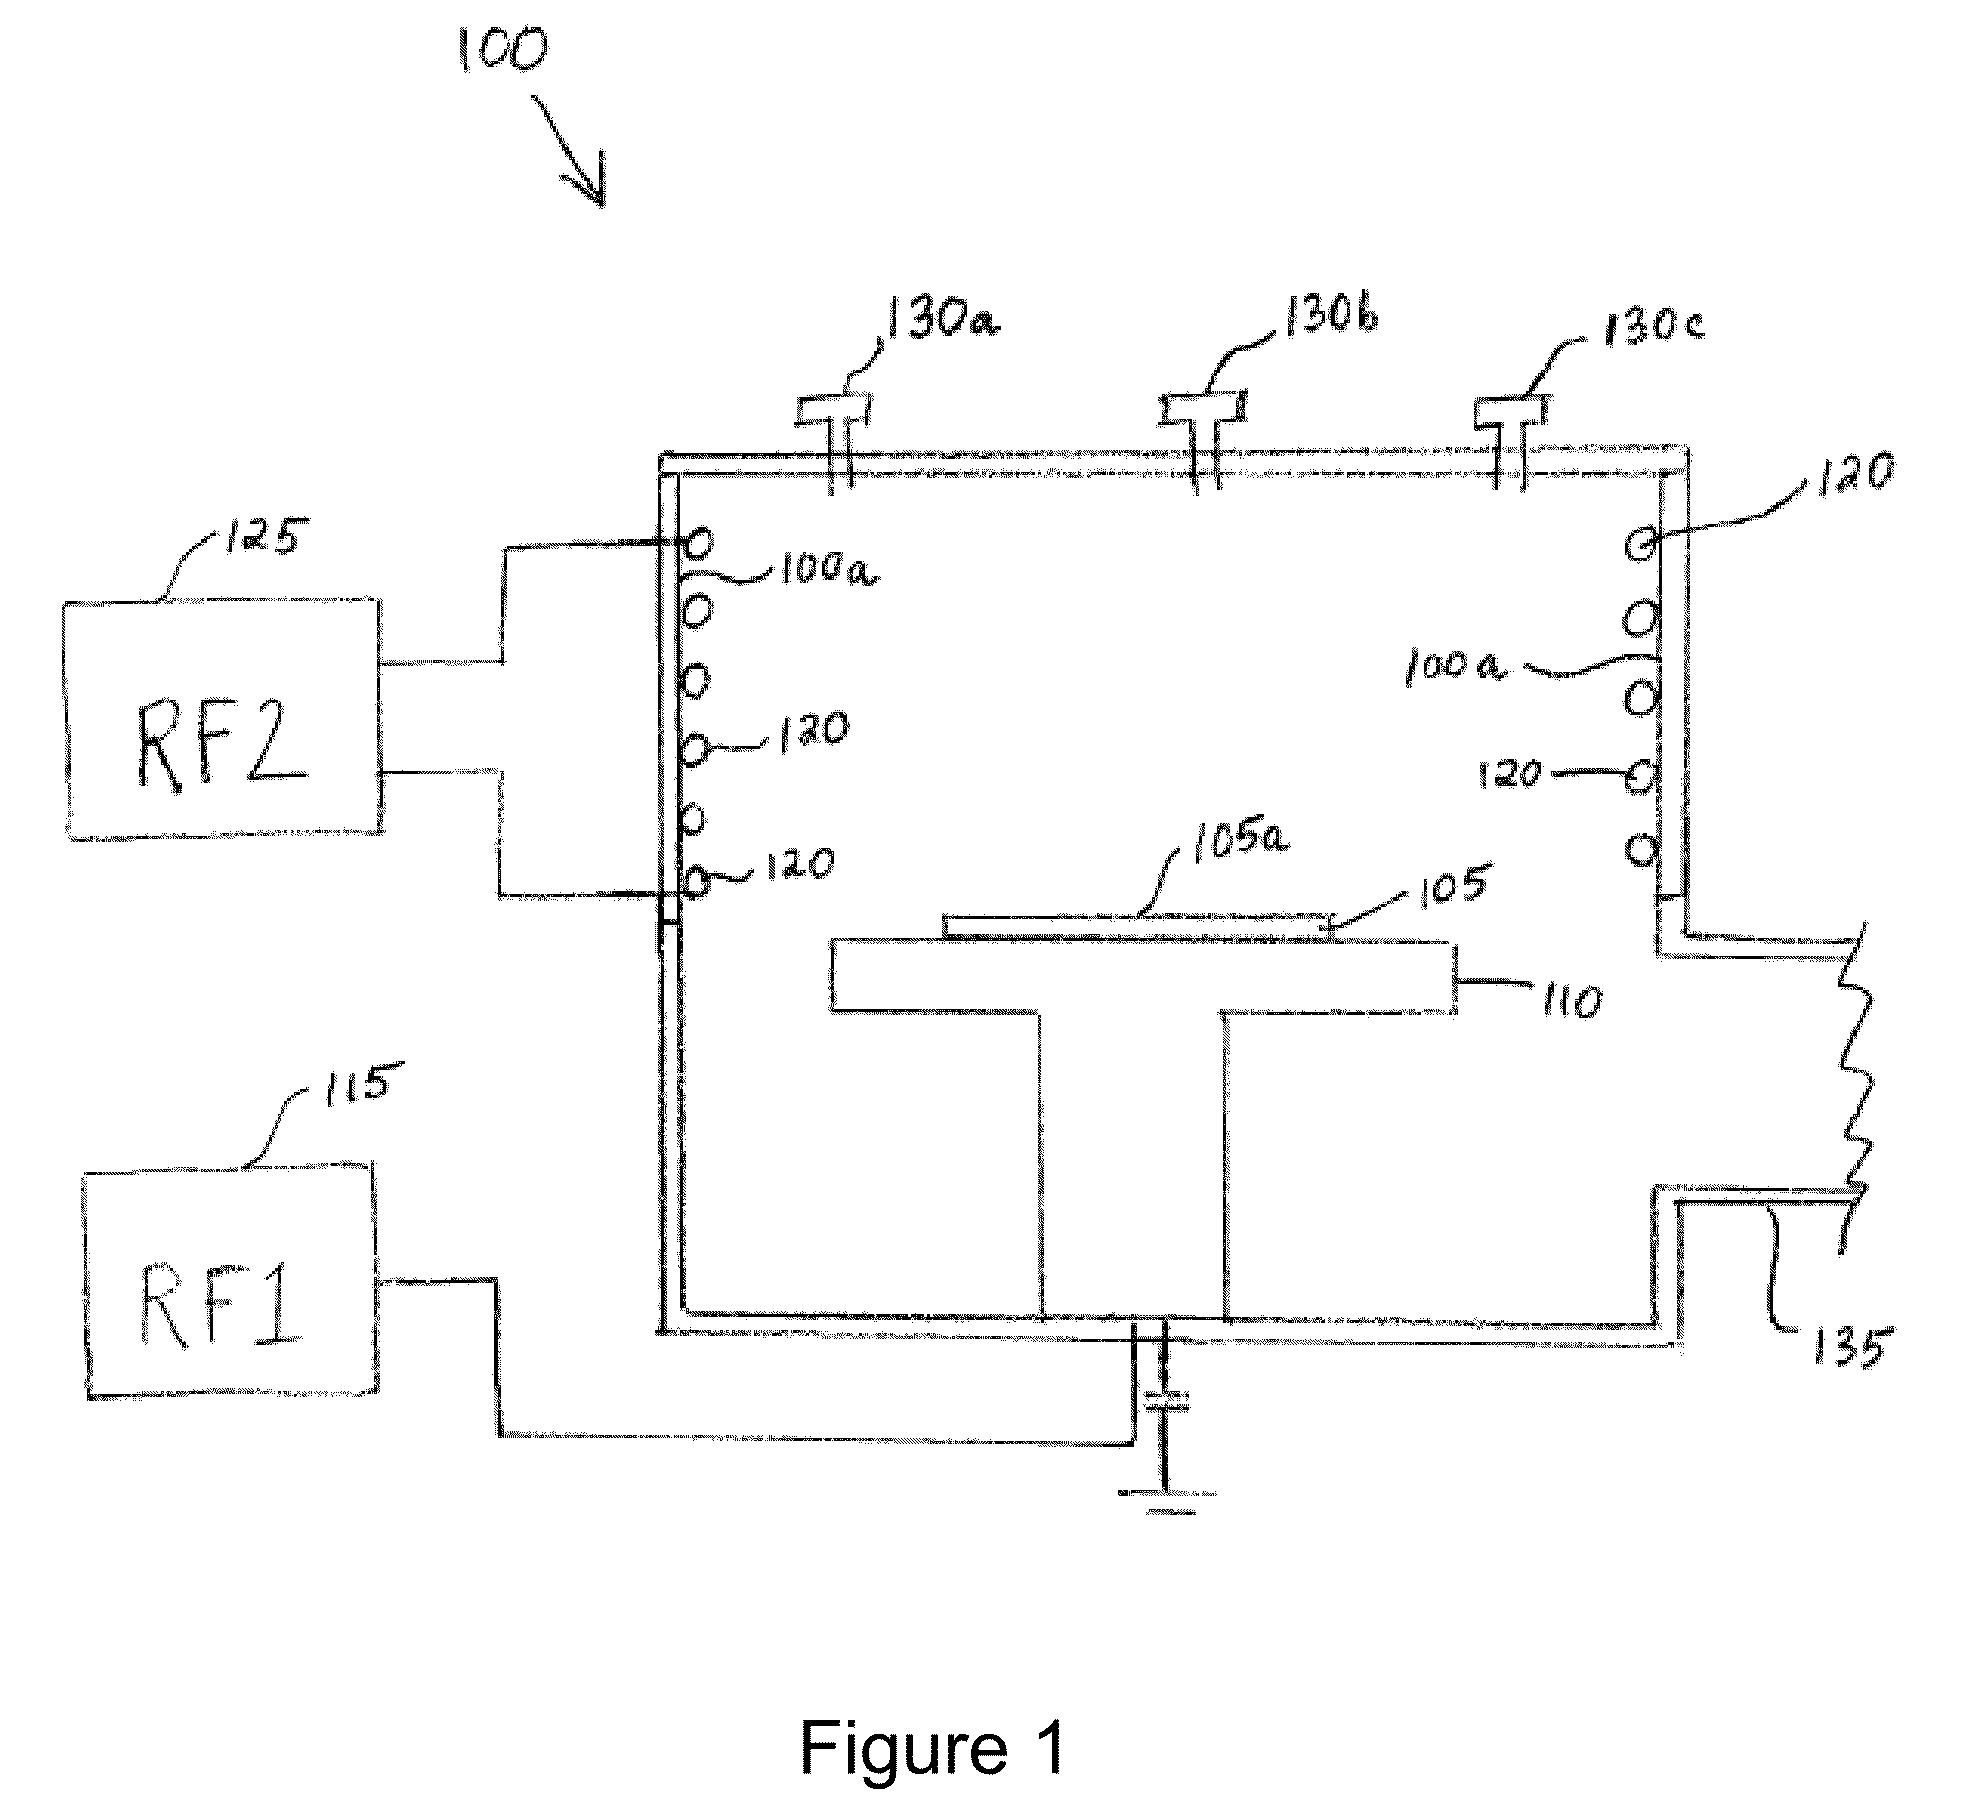 nissan qg15 ecu wiring diagram nissan 370z fuse box 04 chevy ssr, Wiring diagram